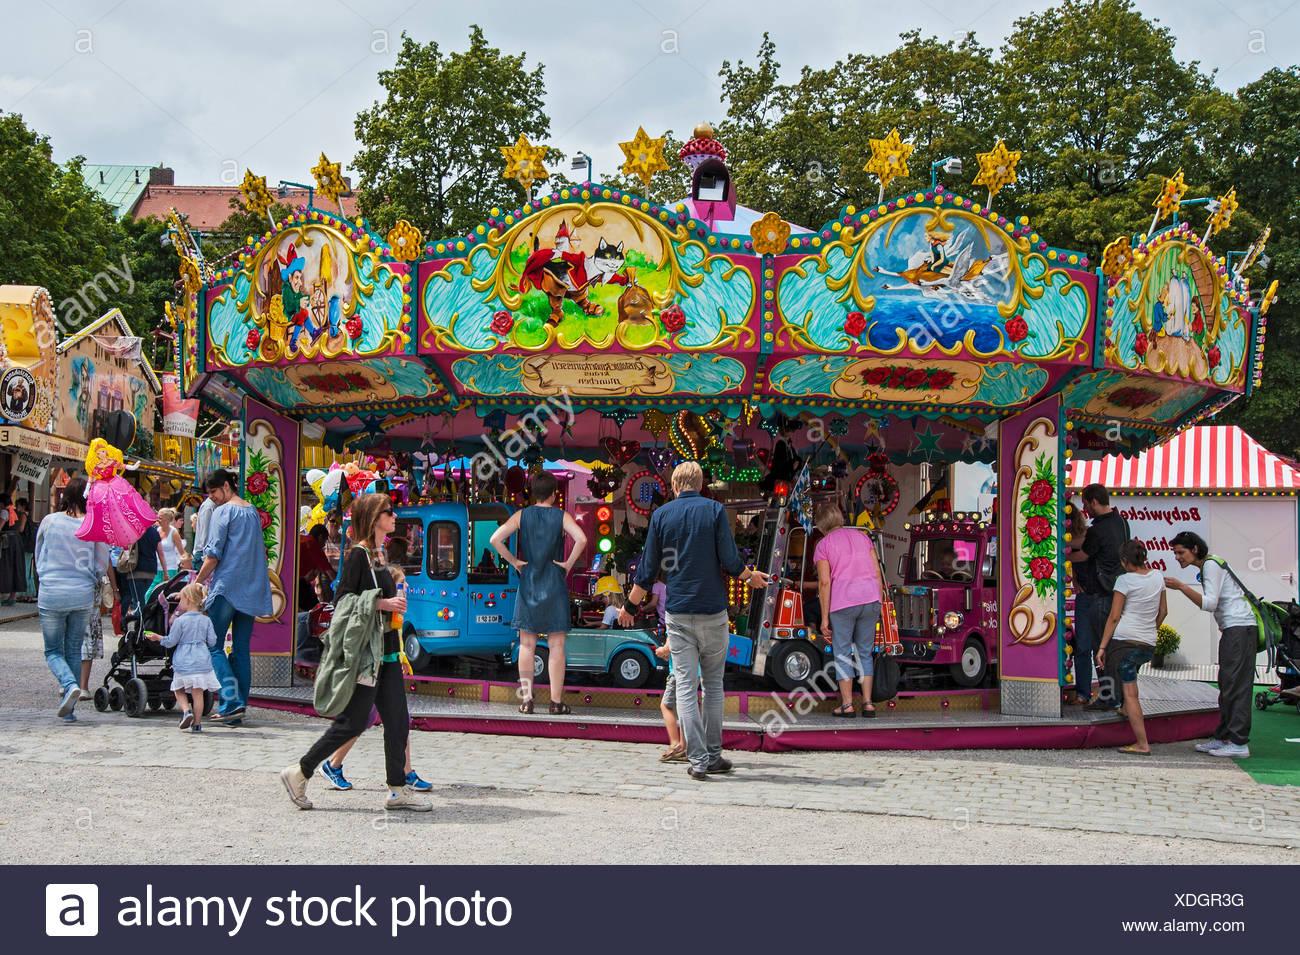 Los niños nostálgico's carrusel, Auer Dult, Munich, la Alta Baviera, Baviera, Alemania Imagen De Stock